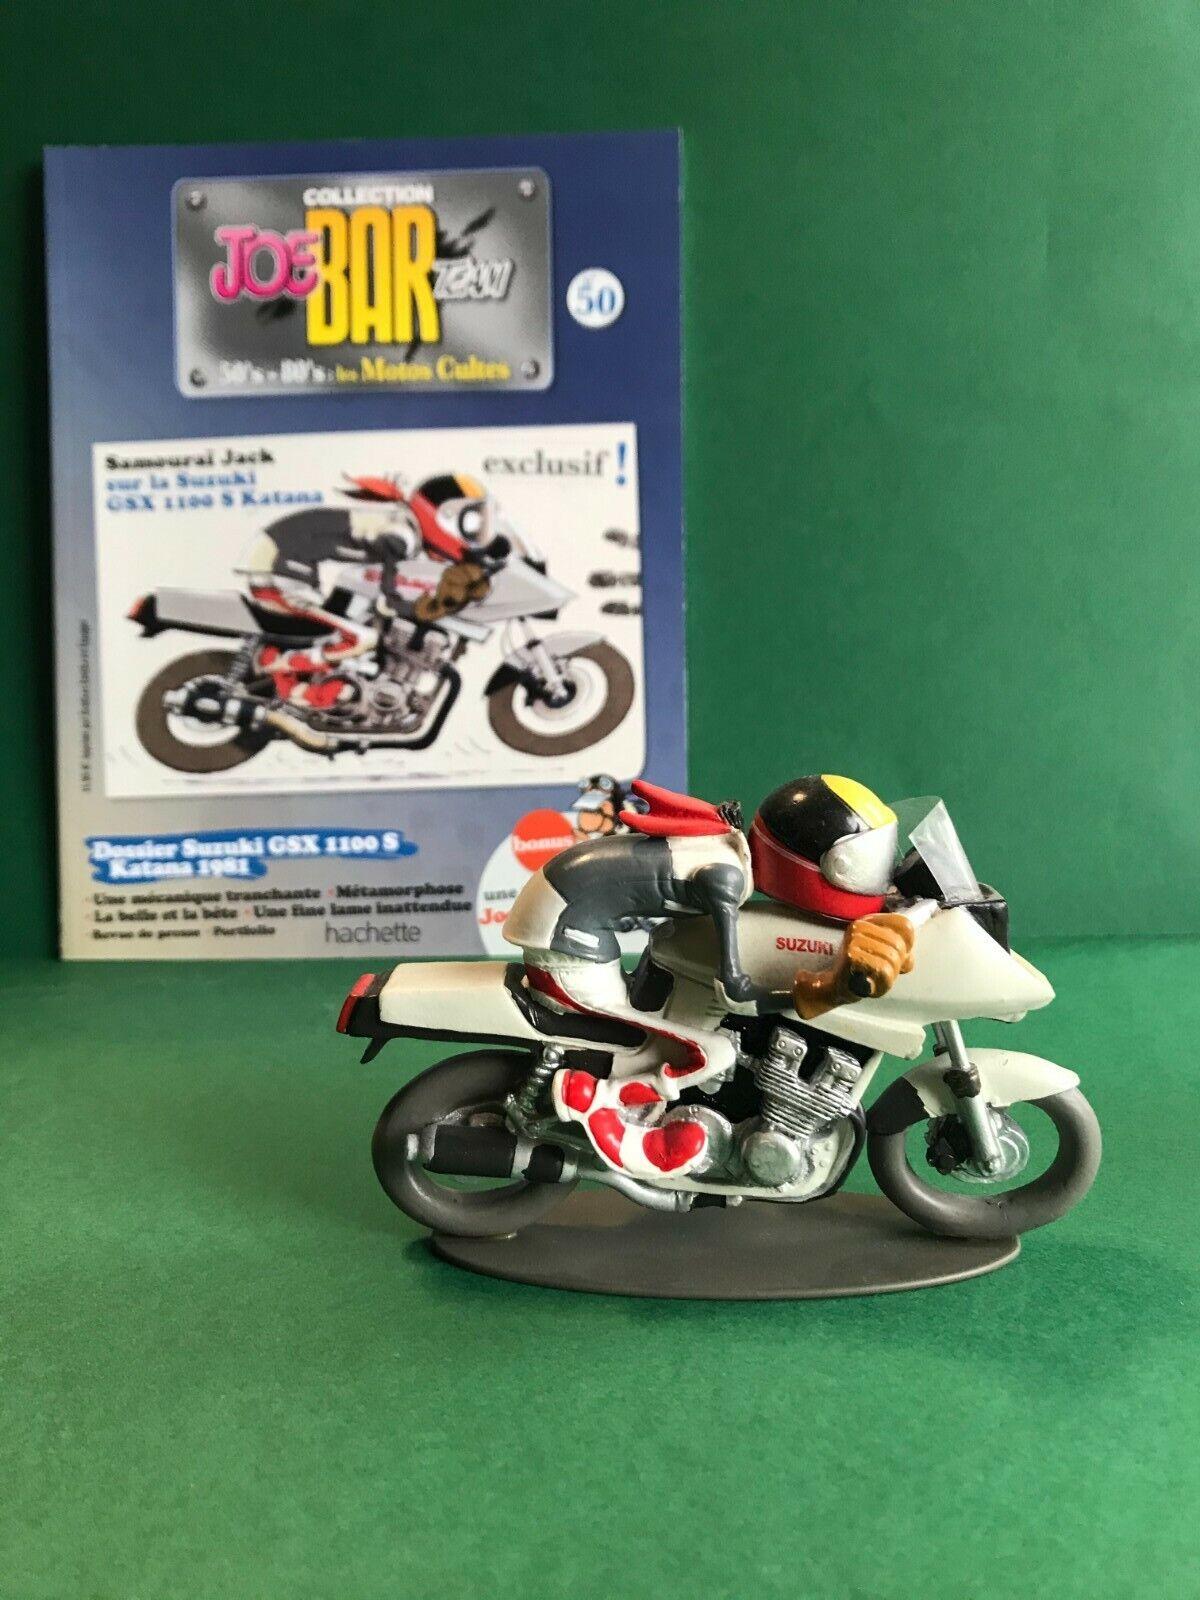 Figurine joe bar team & livret moto suzuki gsx 1100 s katana